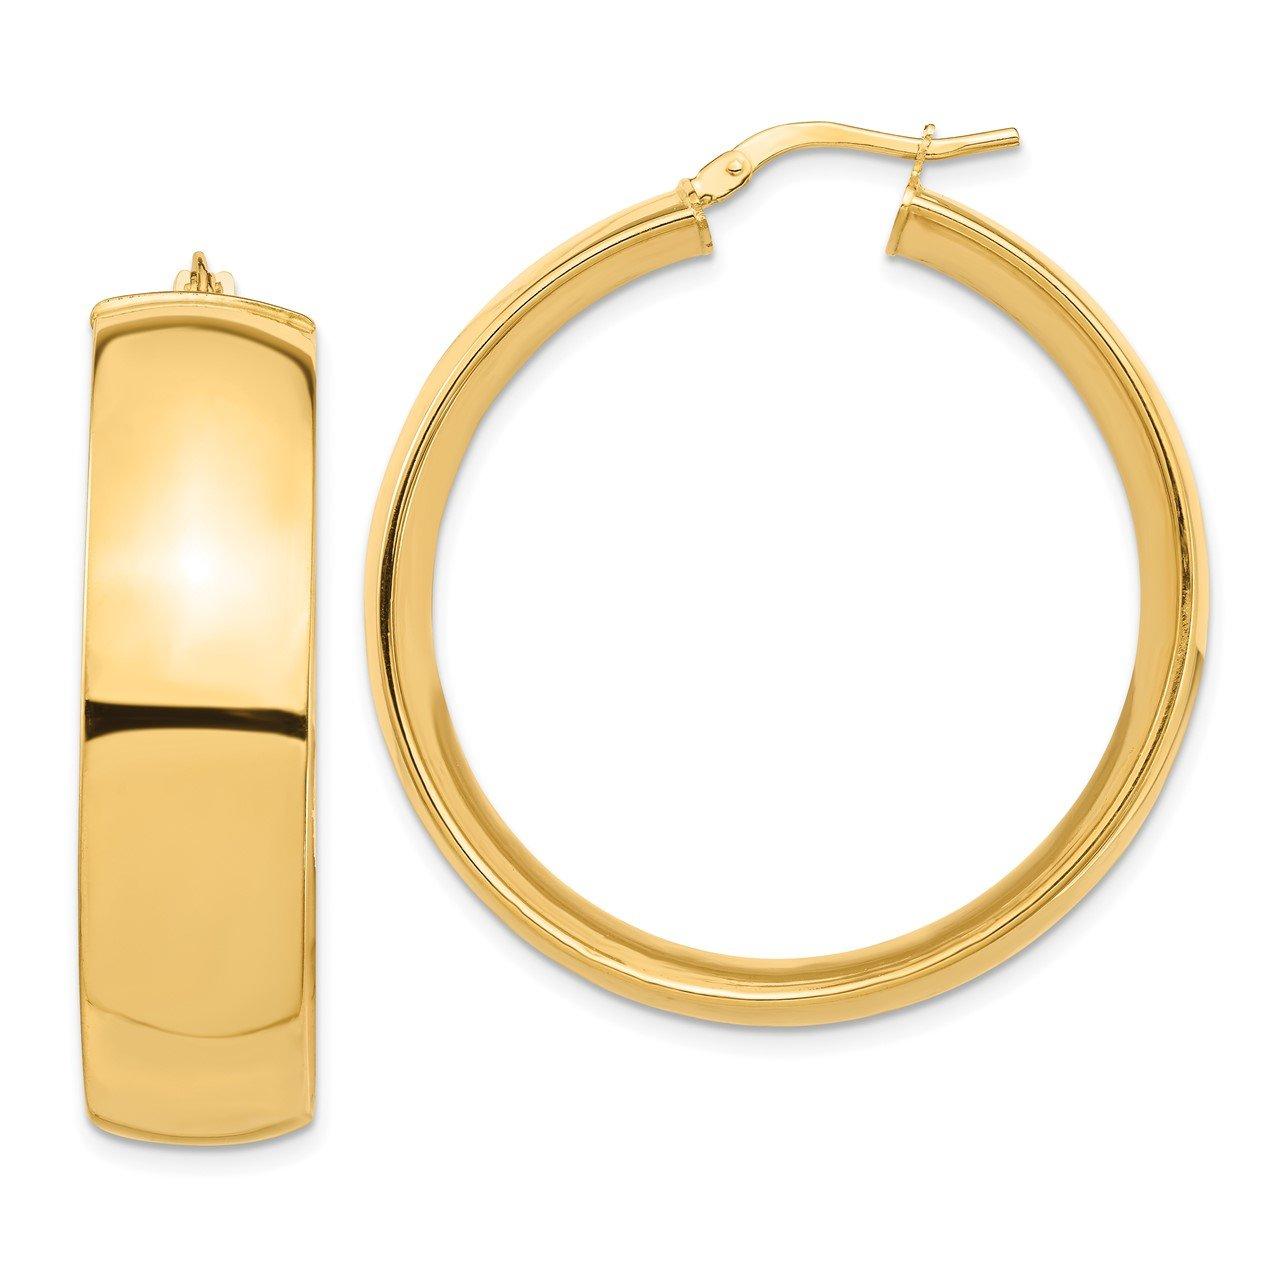 14k High Polished Large 10mm Hoop Earrings